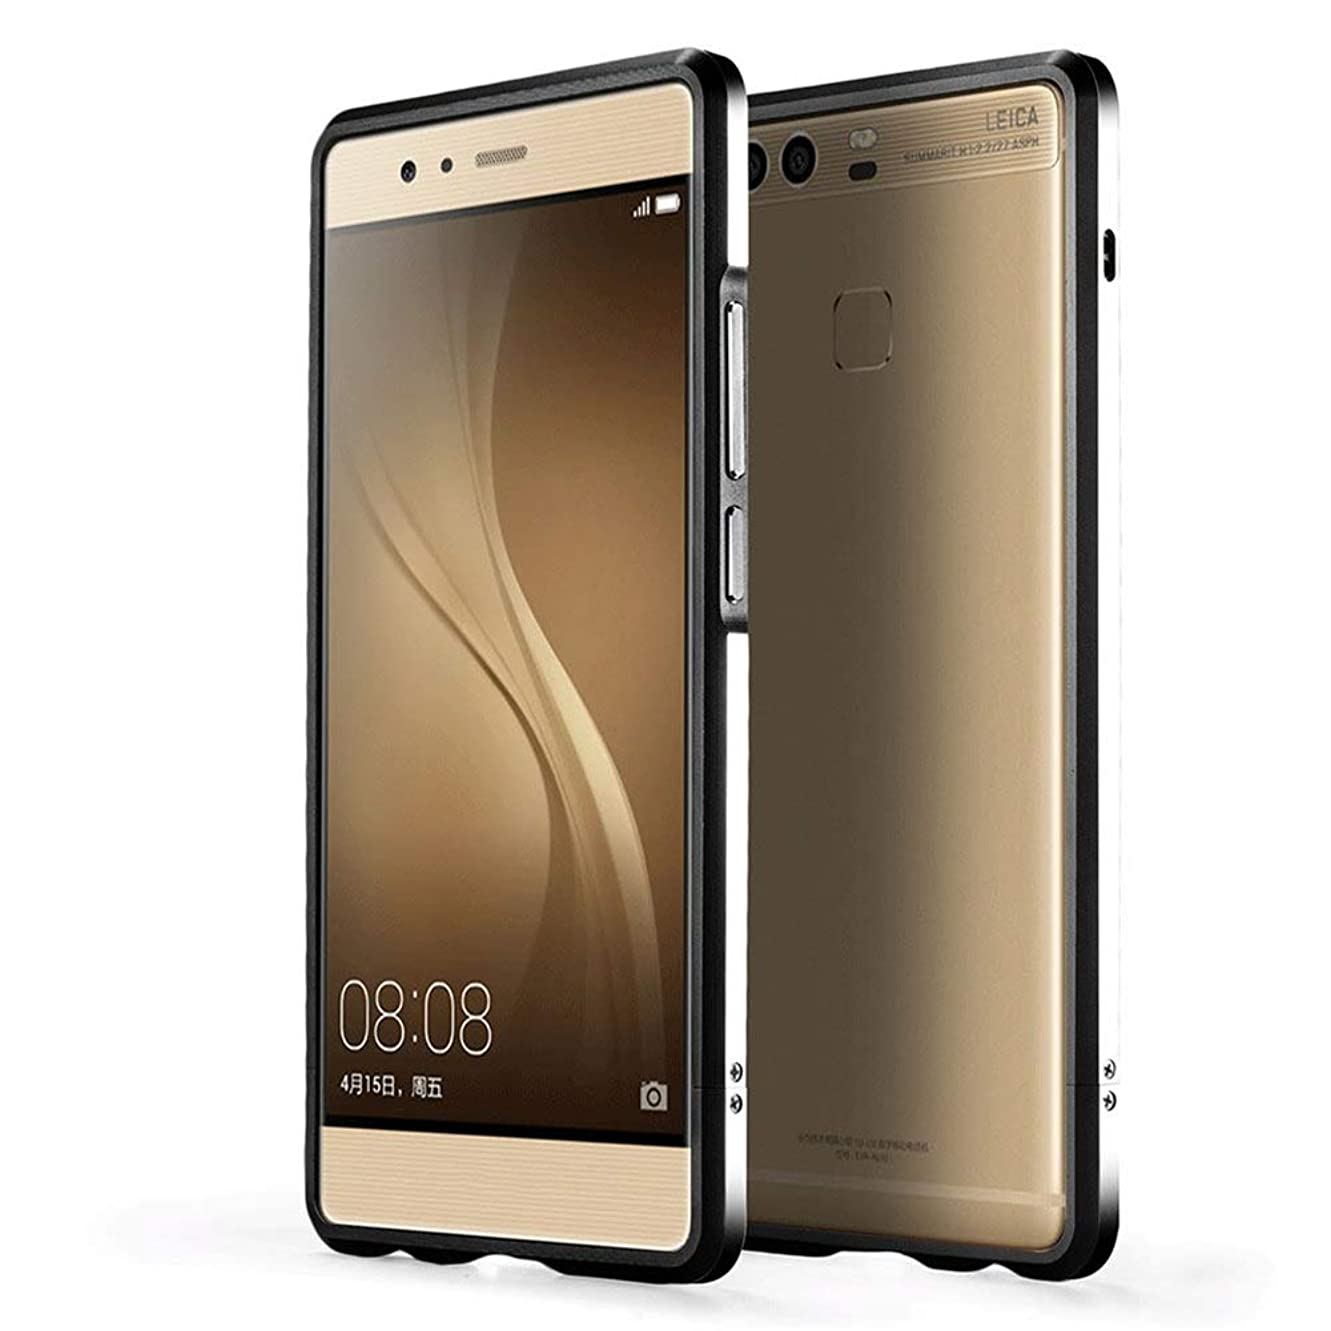 別にインテリアたまにJicorzo - 小米科技4 4S 5ケースの場合はiphone 6 / 6SについてOPPO R9 / R9 PlusのソニーZ3のための超薄い金属バンパーアルミフレームカバーをハイライト